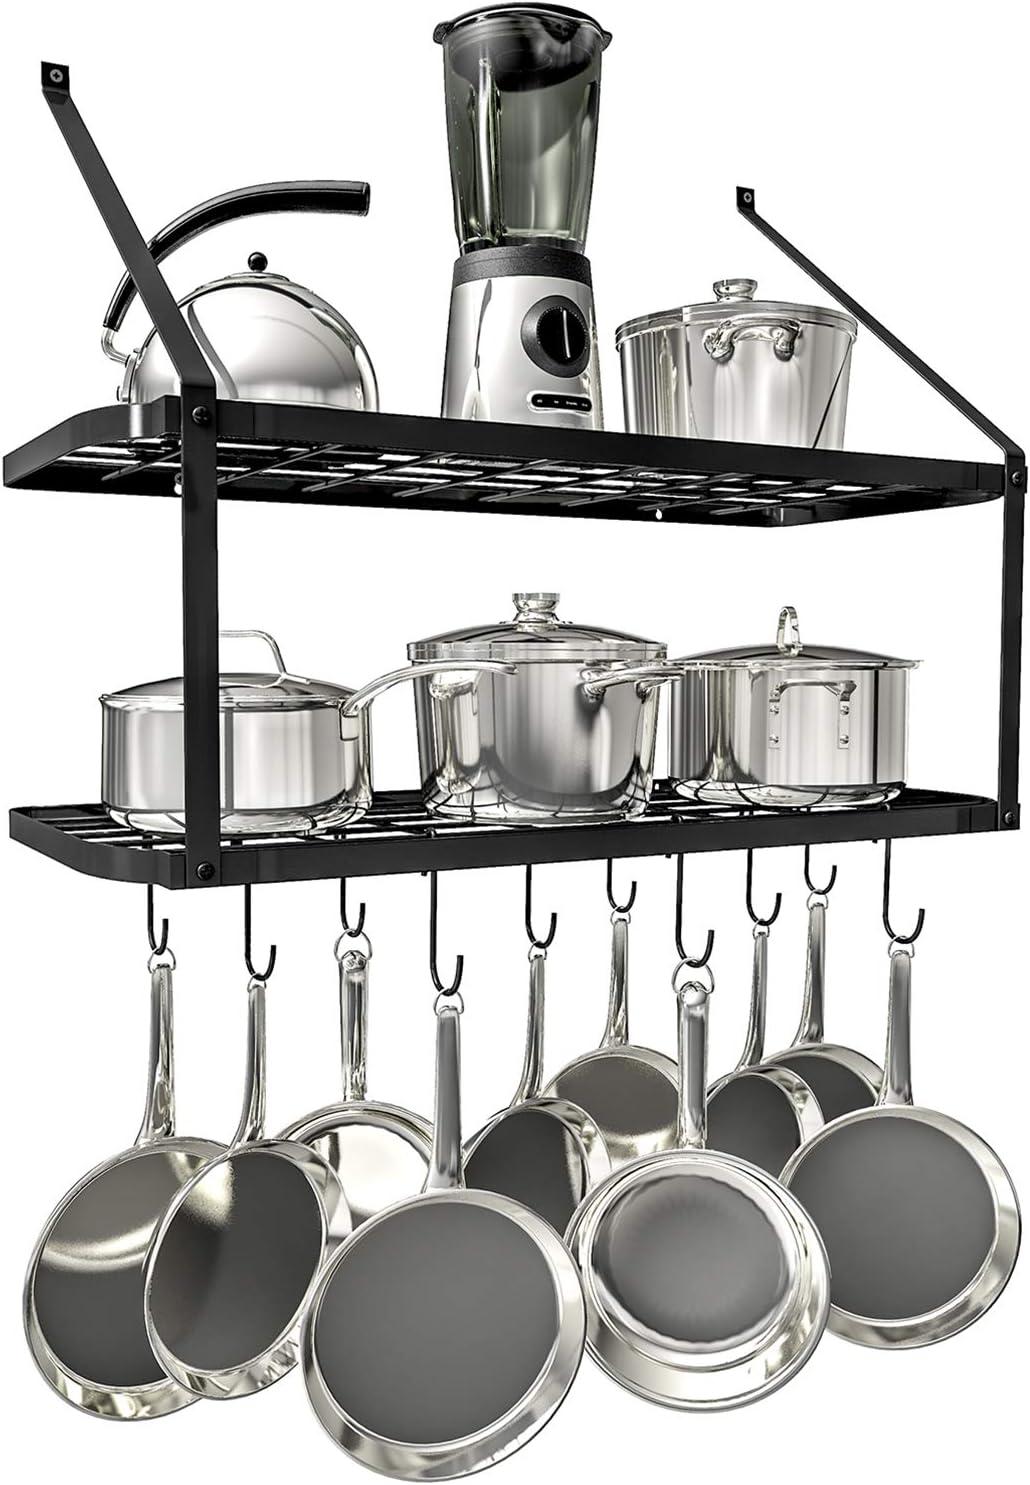 Cookware Hanging Rack